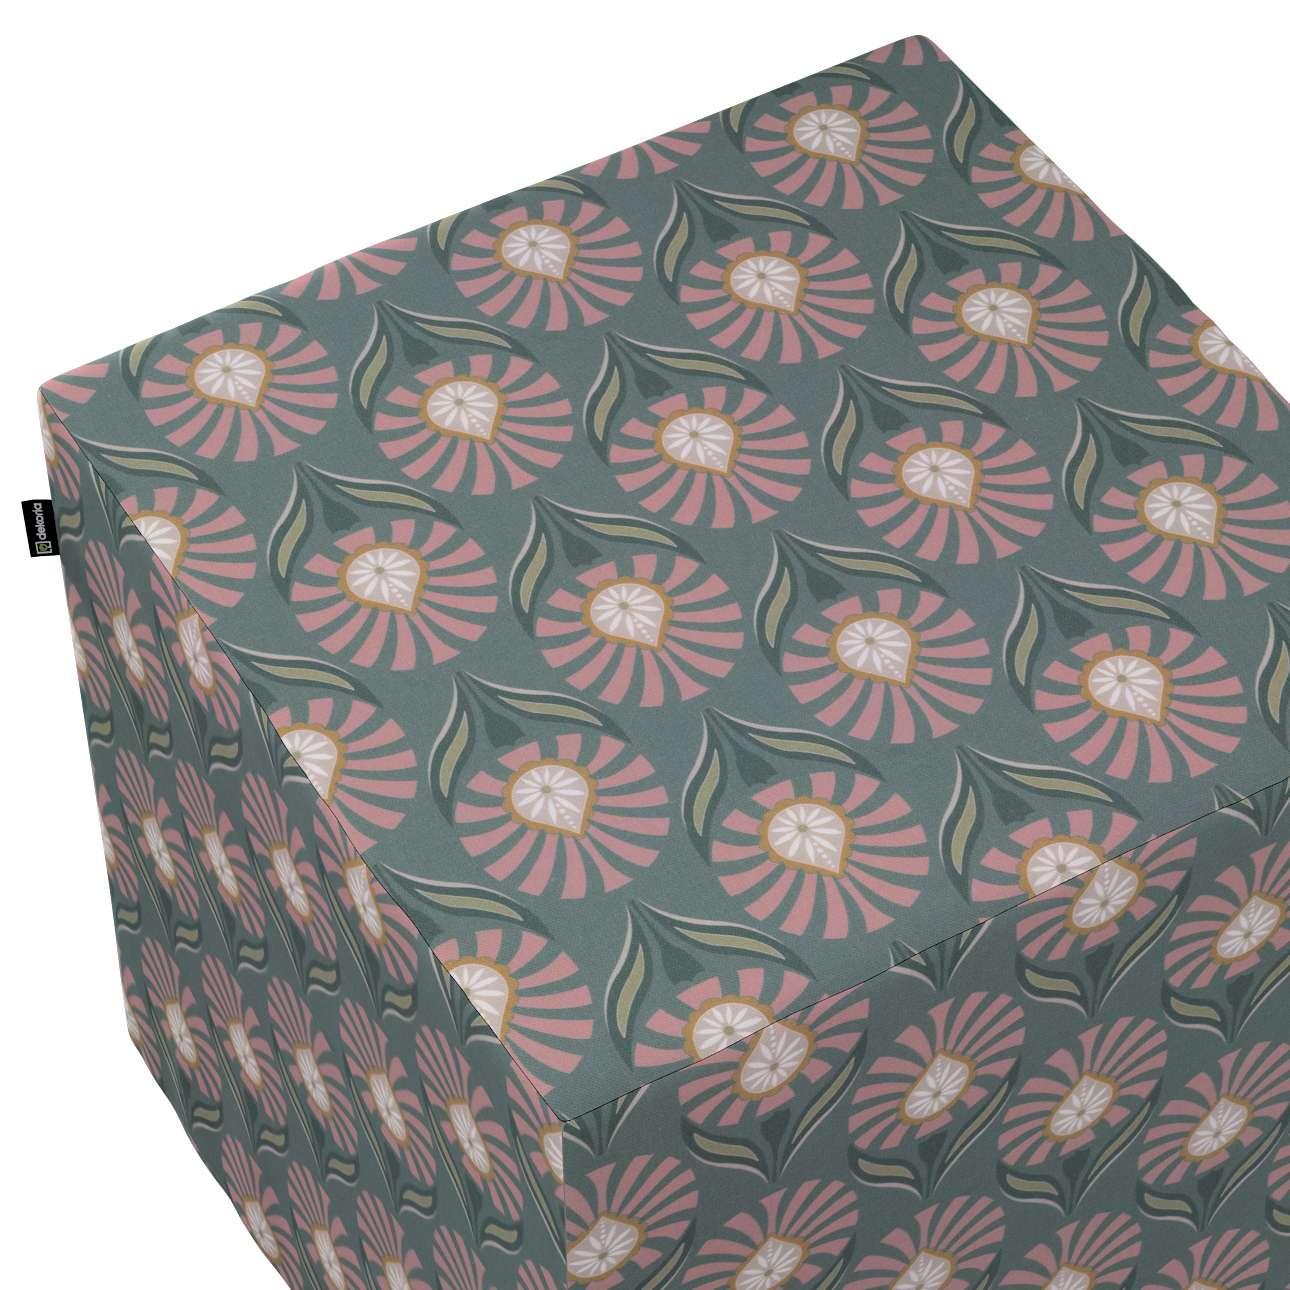 Bezug für Sitzwürfel von der Kollektion Gardenia, Stoff: 142-17